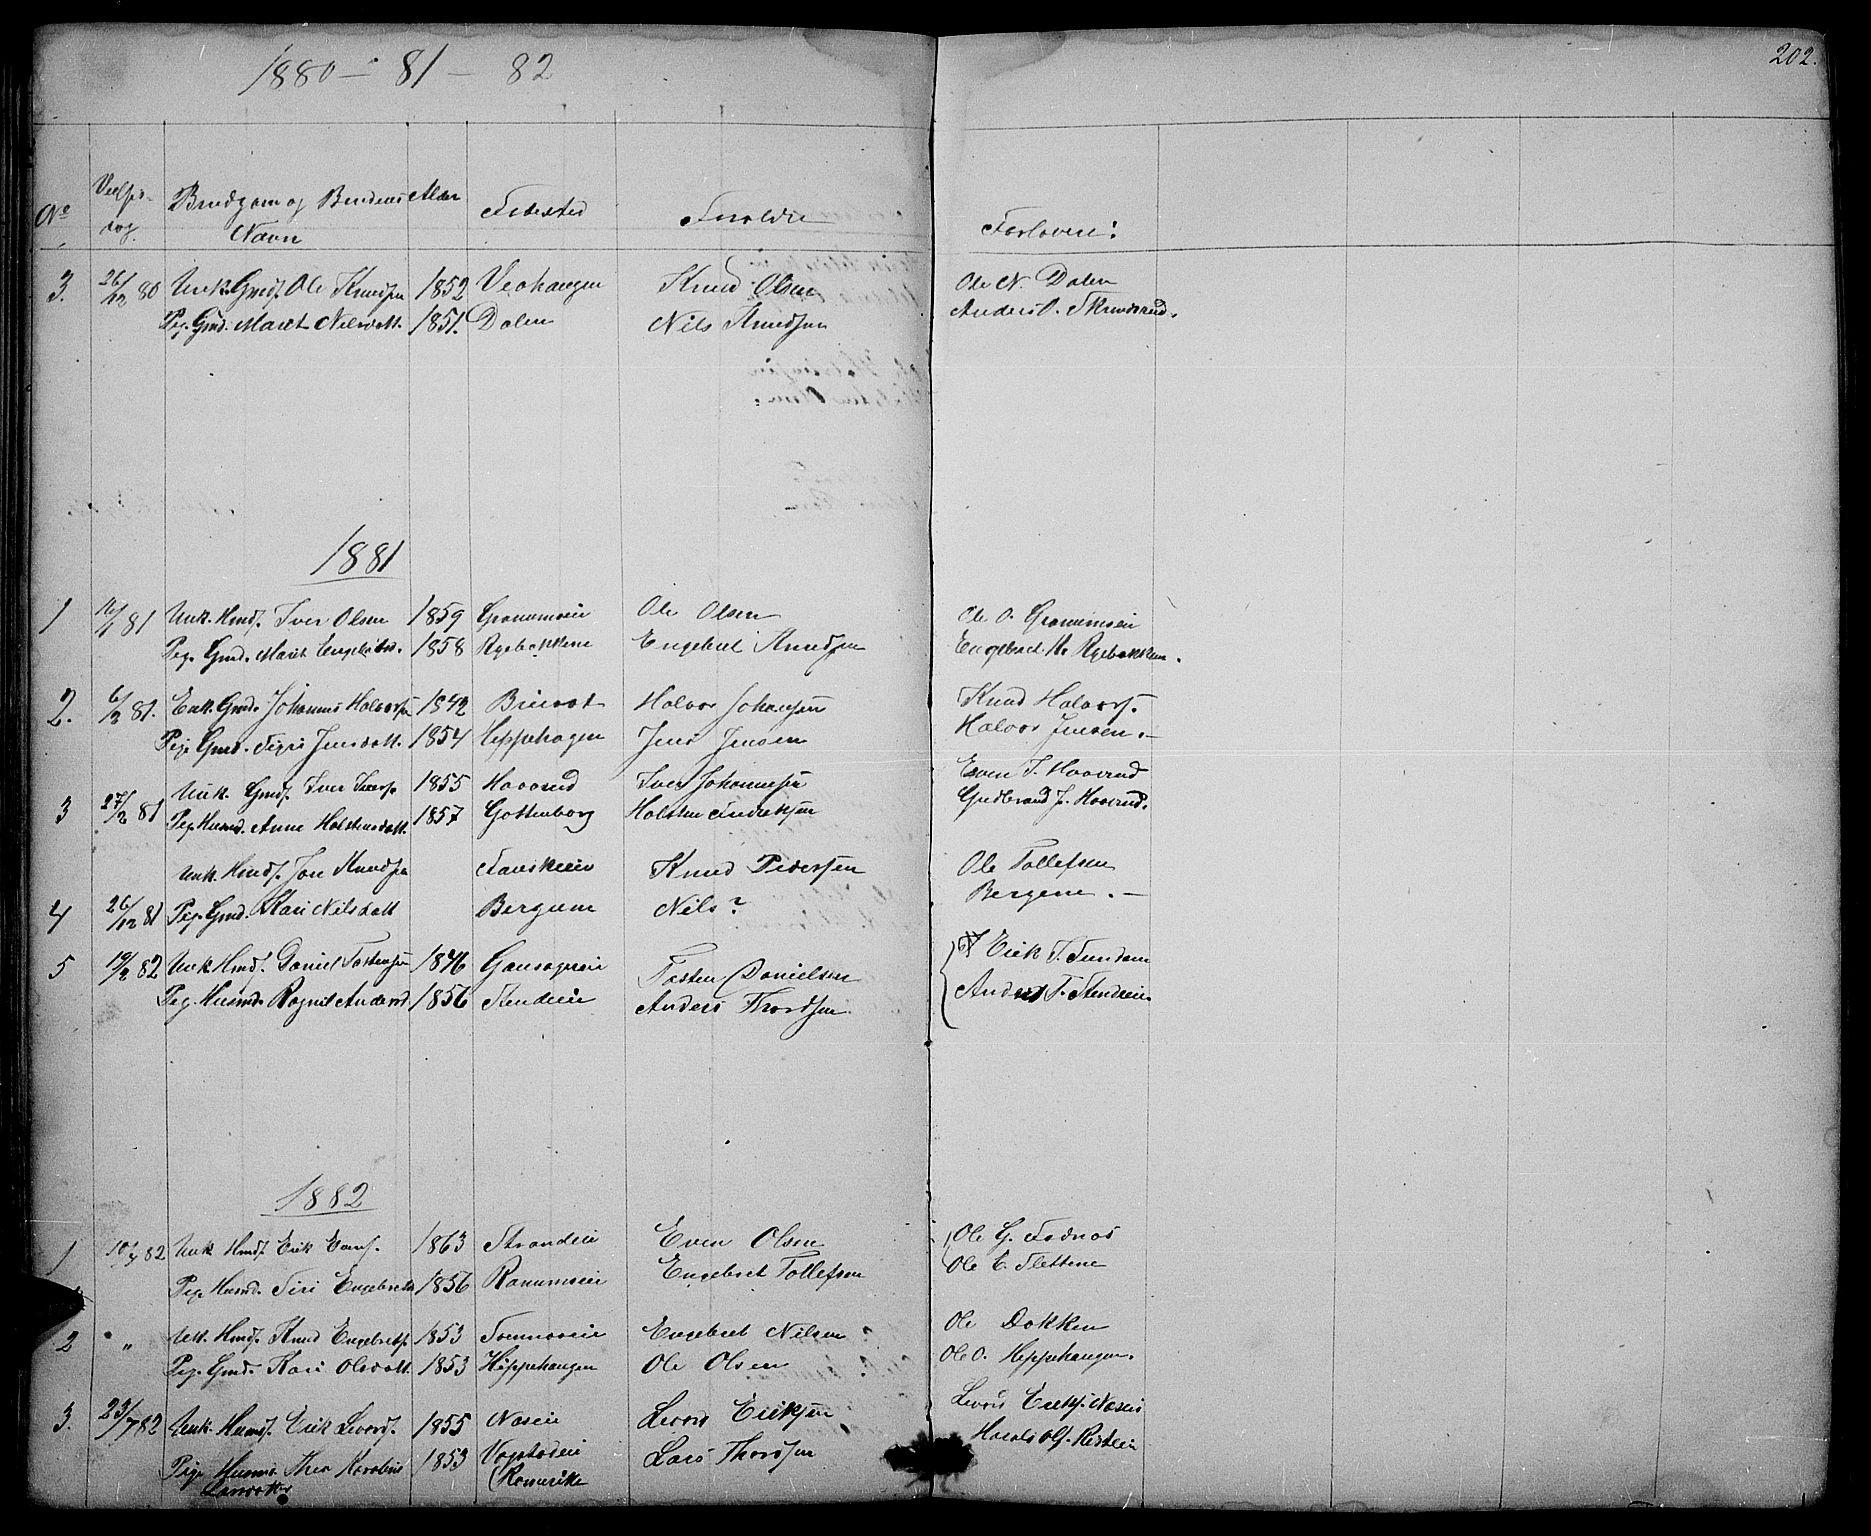 SAH, Nord-Aurdal prestekontor, Klokkerbok nr. 3, 1842-1882, s. 202